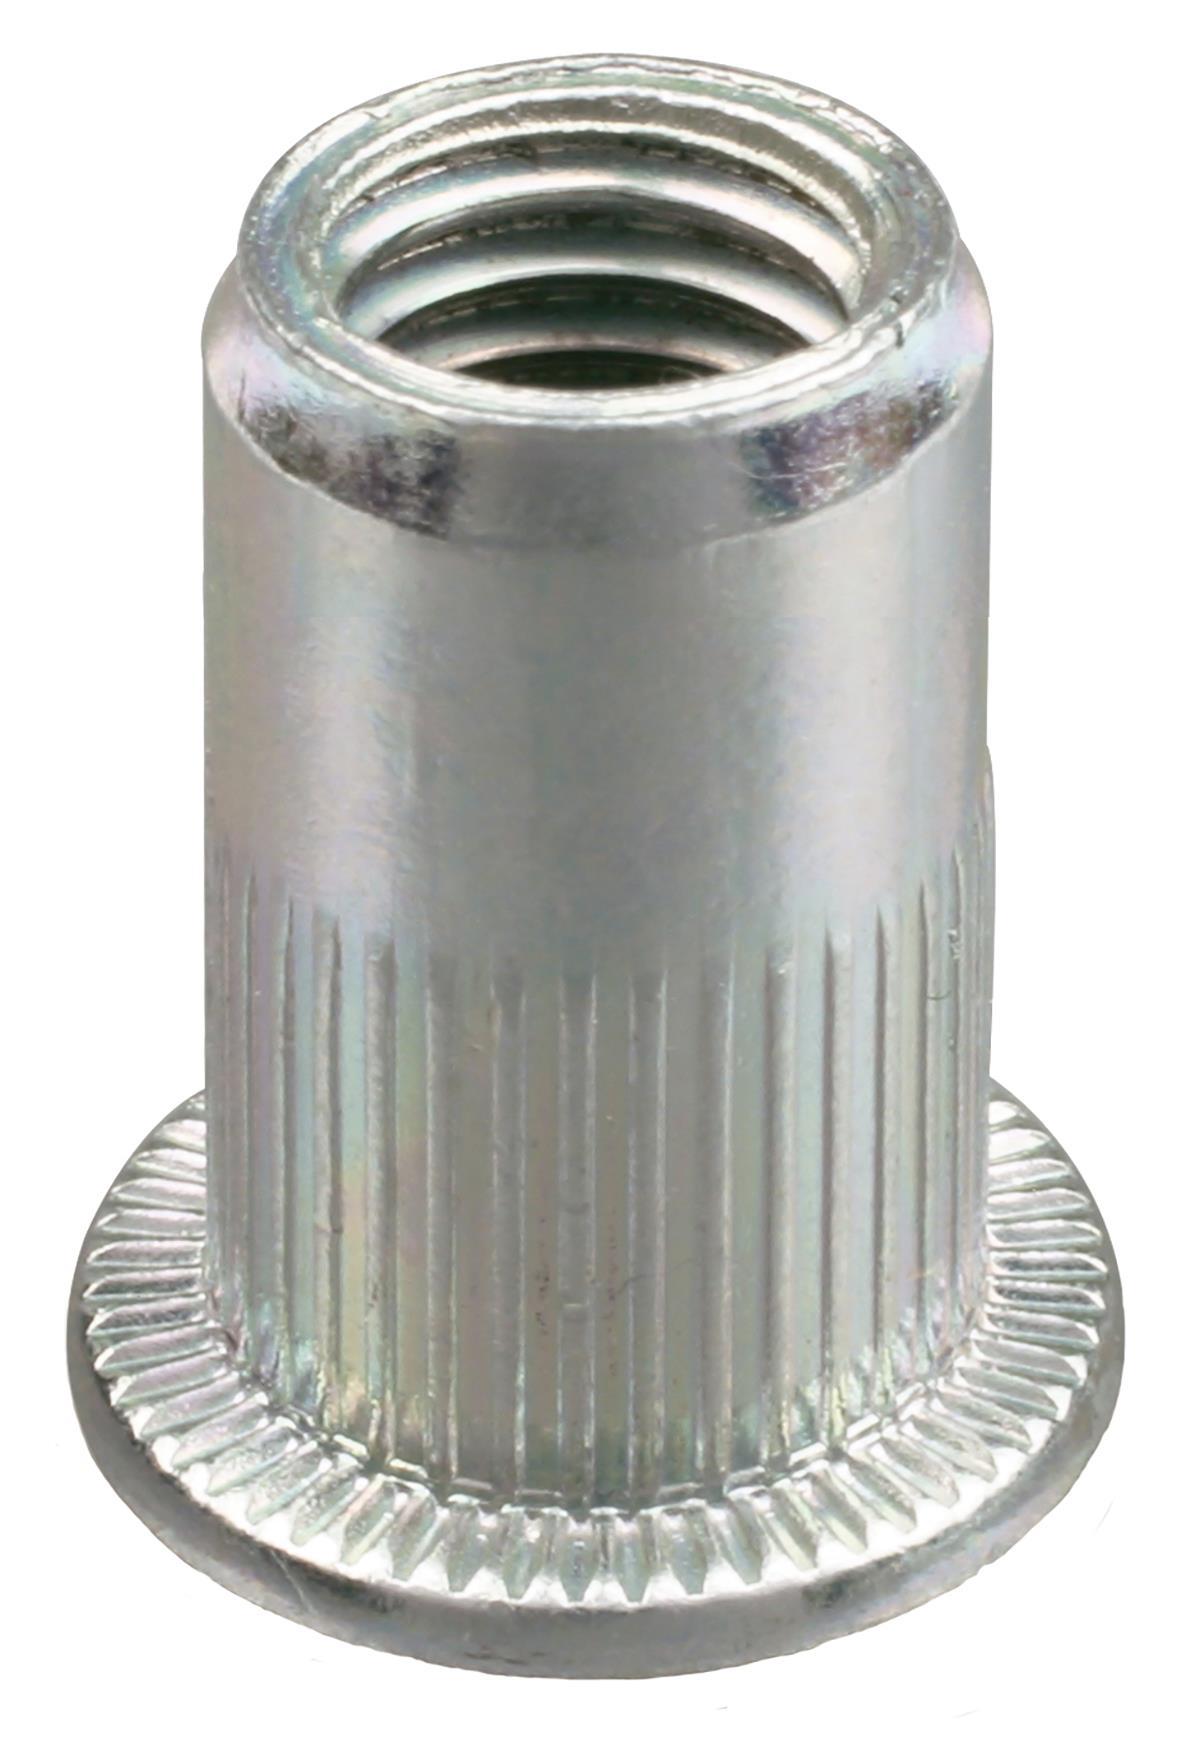 Ejot 460378 Blindnitmutter plant huvud öppen FTT/L M6 500-pack